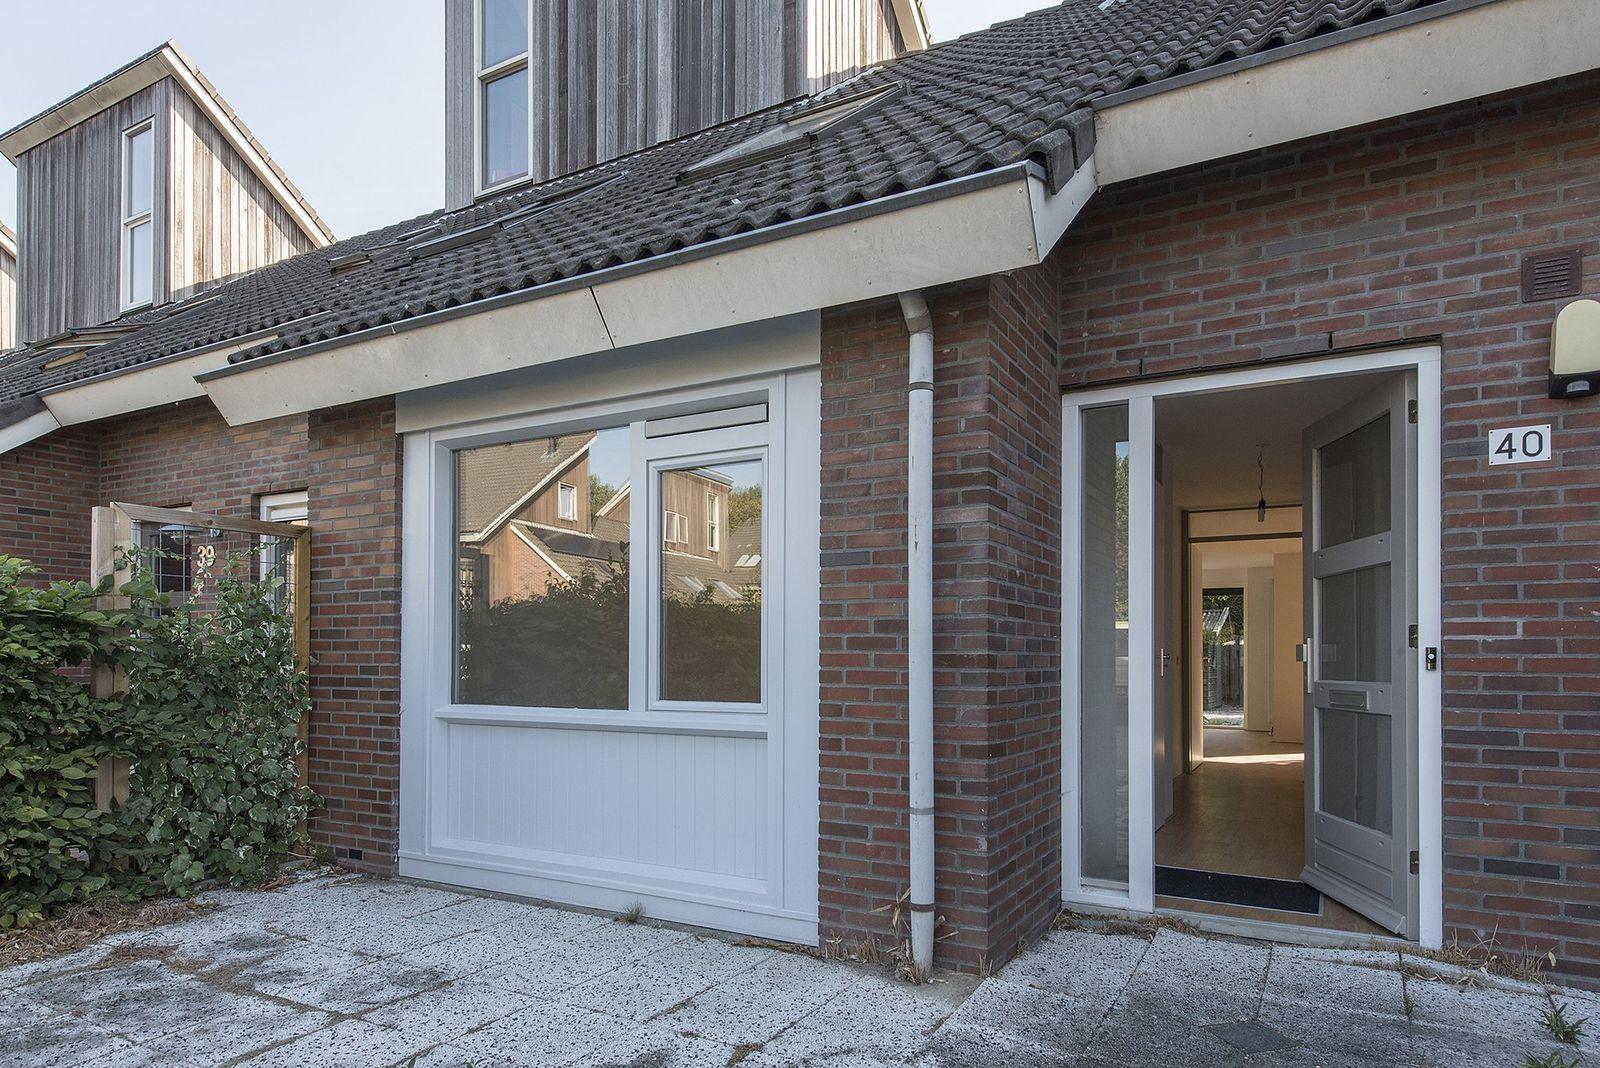 Hartenveld 40, Almere